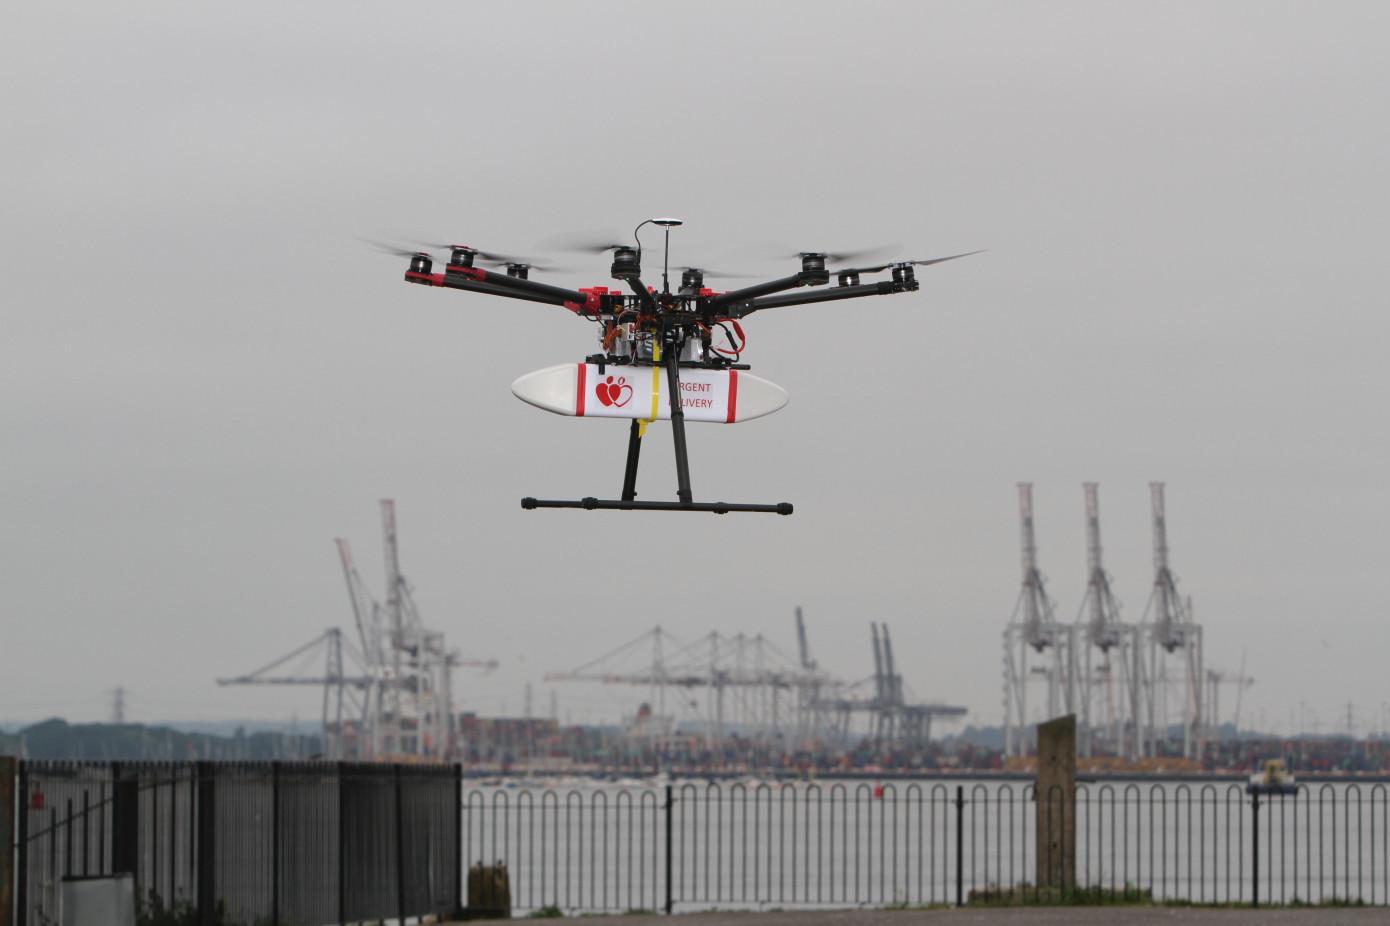 英国:无人机如何造福城市?这五个方面值得关注